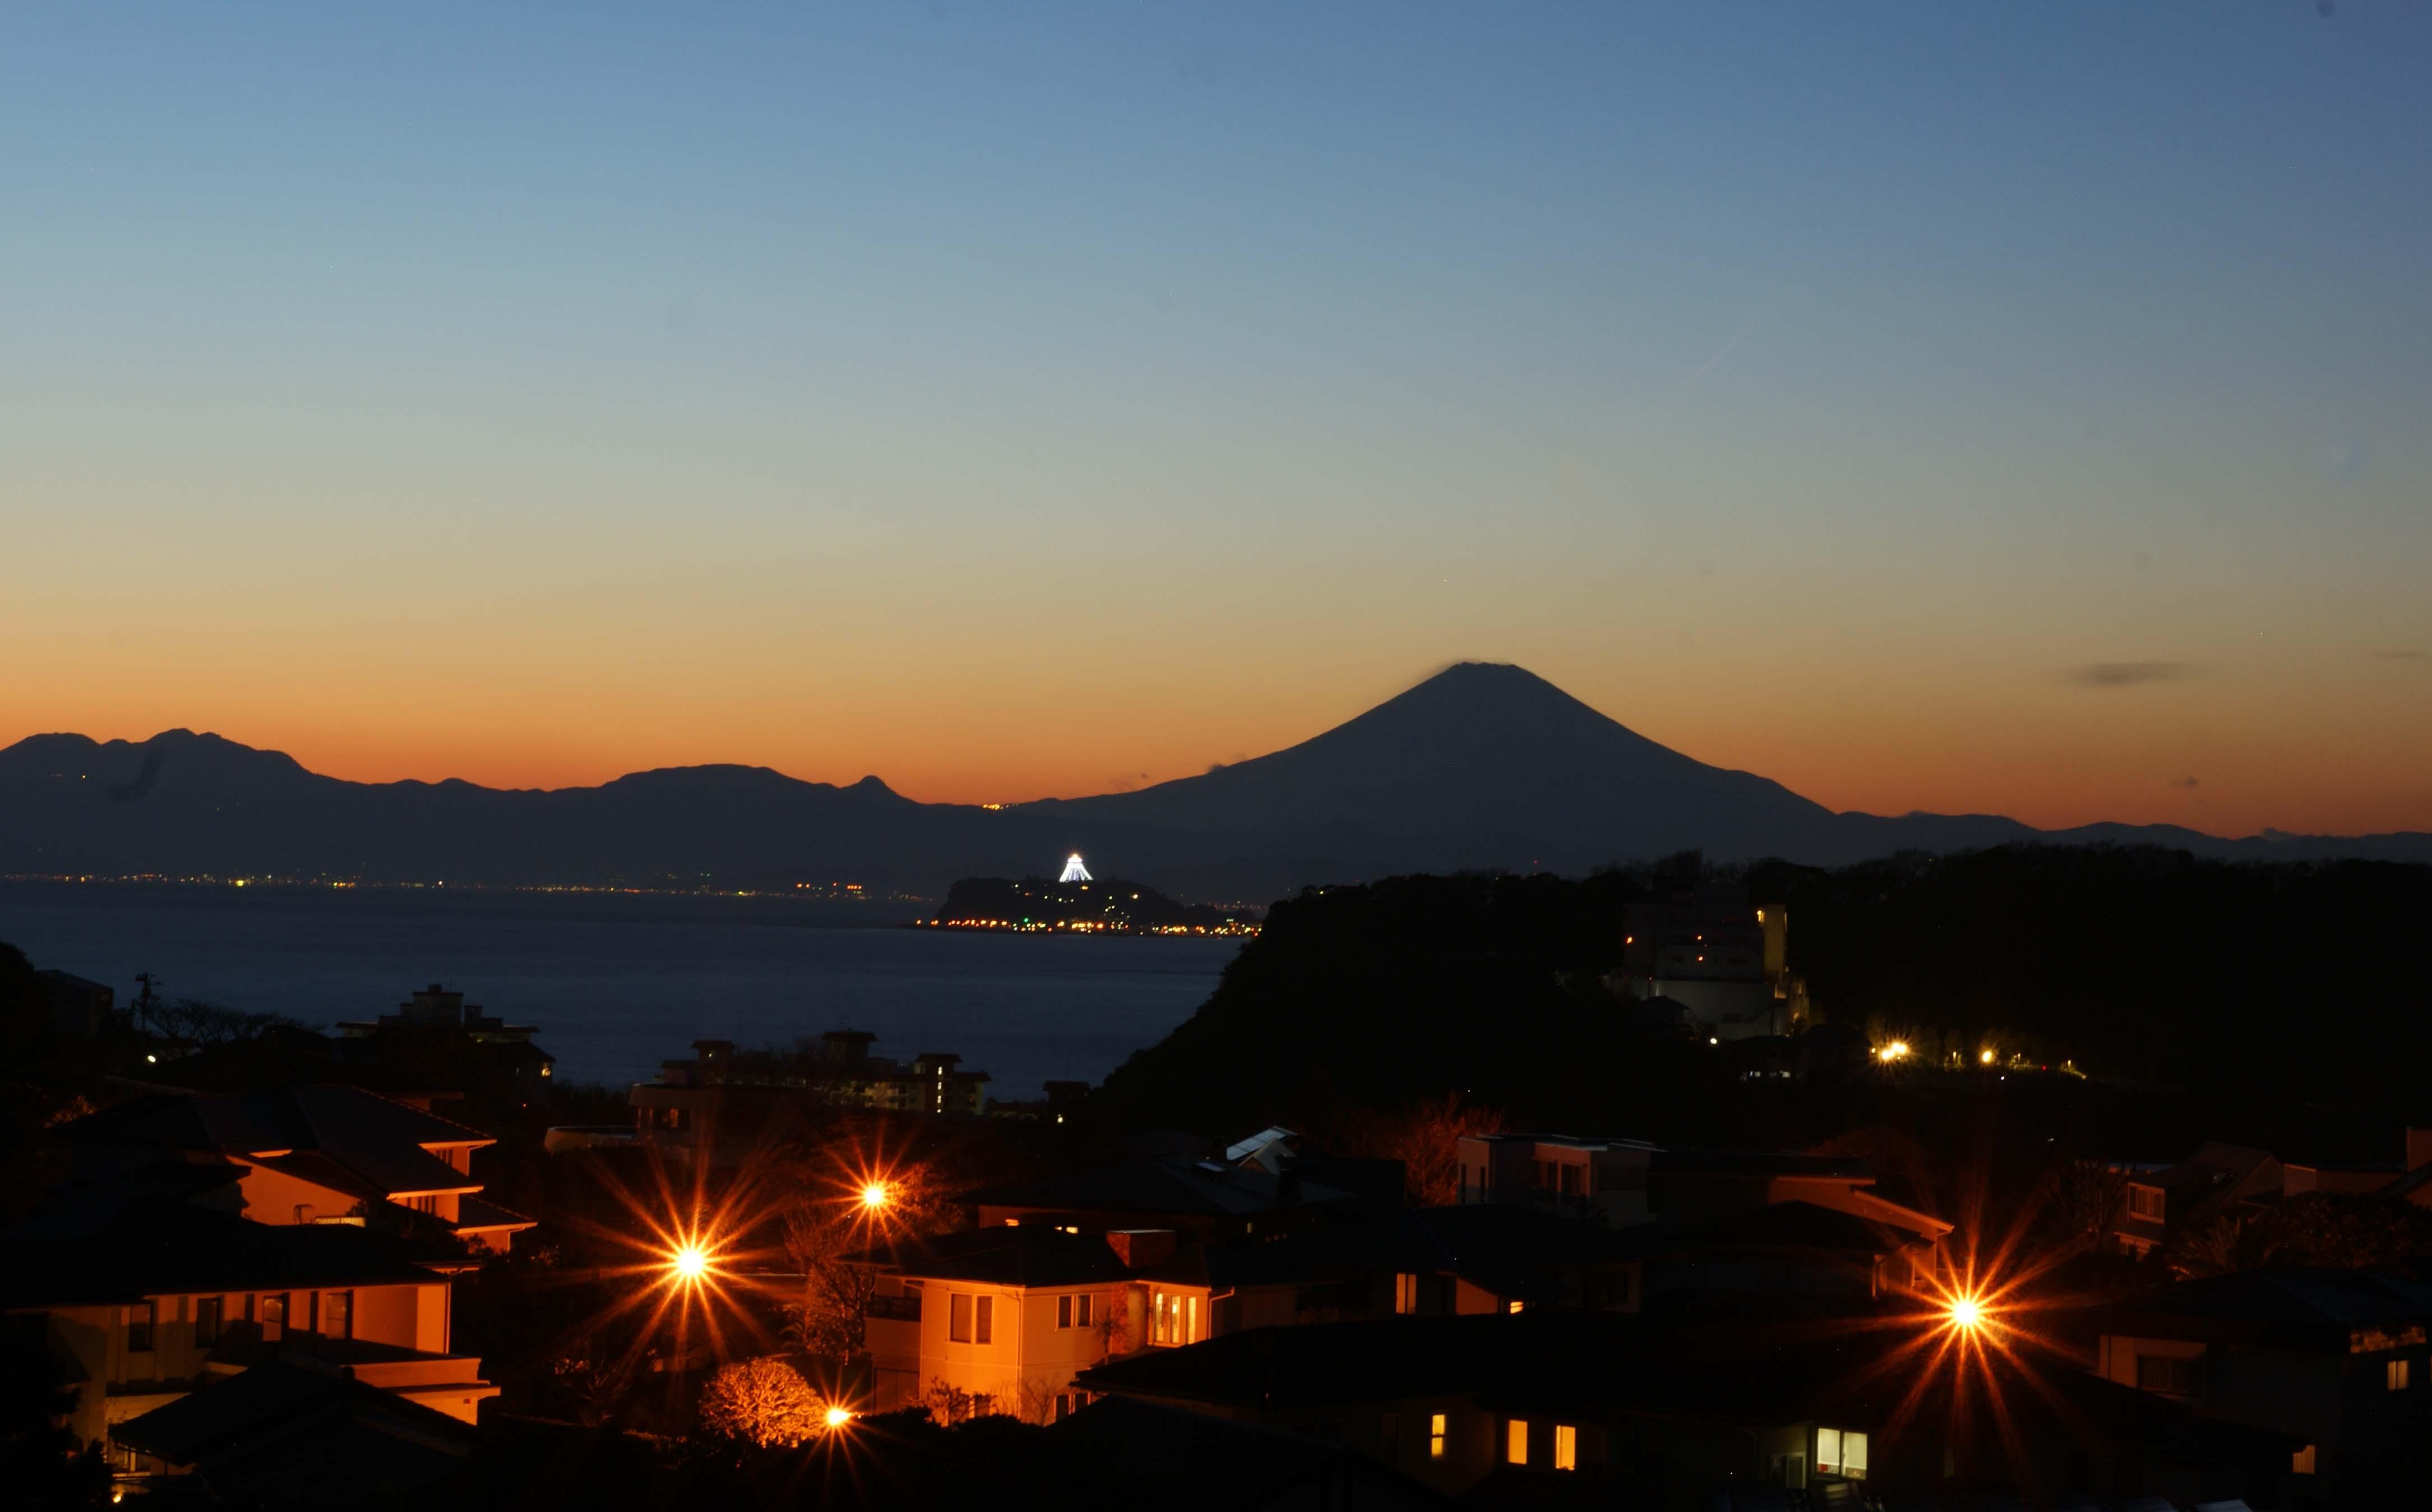 大晦日 夕暮れに沈む行く富士山...